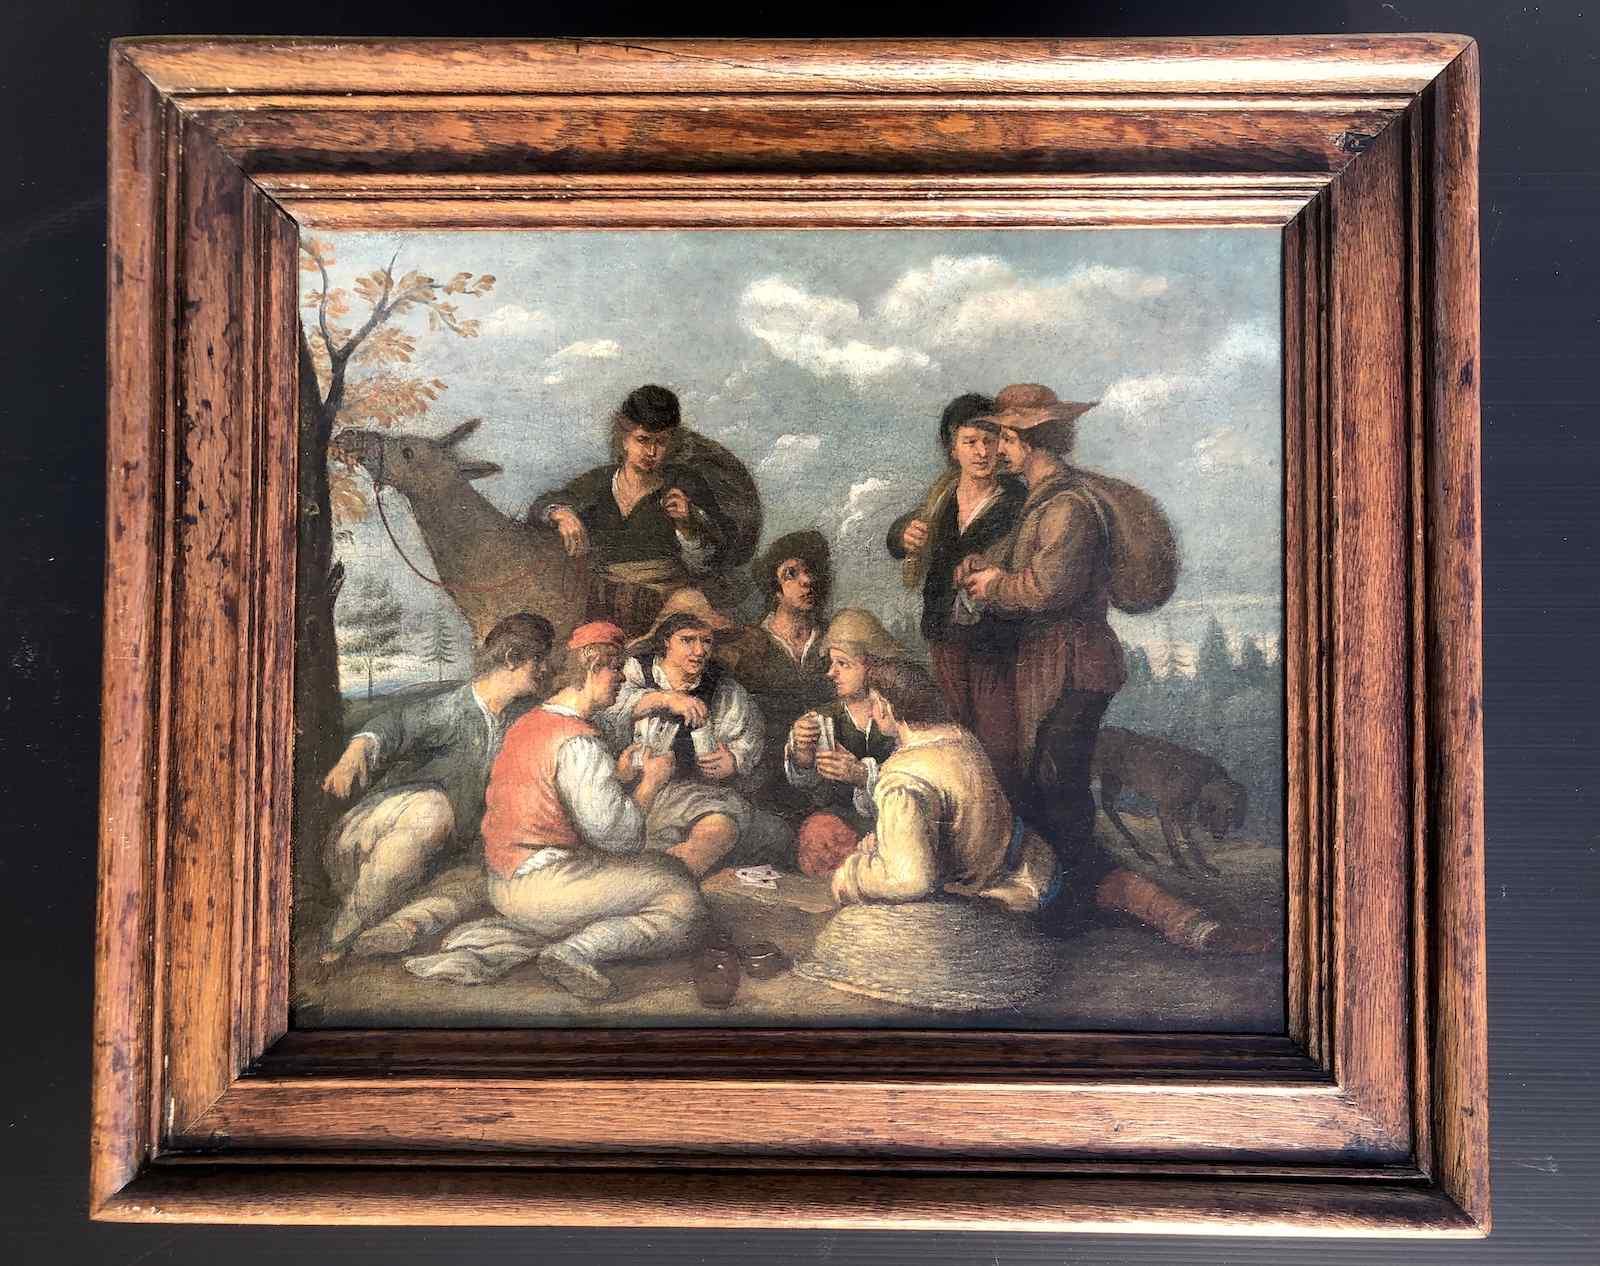 Jan Havicksz Steen (1626-1679) Les Joeurs